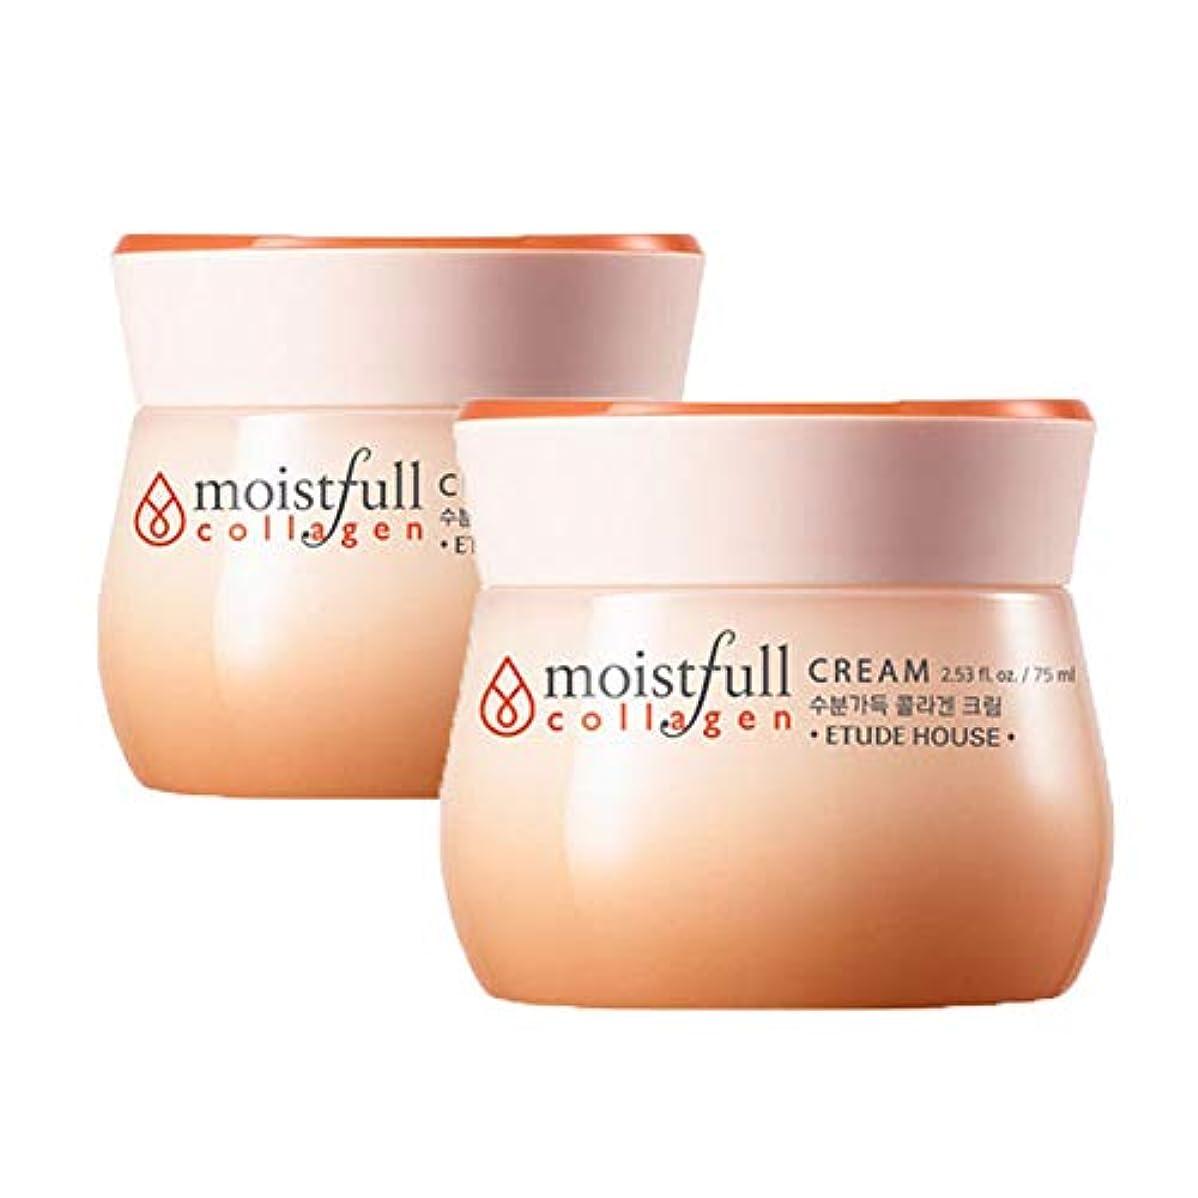 弁護人ファンドレクリエーションエチュードハウス水分いっぱいコラーゲンクリーム 75mlx2本セット韓国コスメ、Etude House Moistfull Collagen Cream 75ml x 2ea Set Korean Cosmetics [...